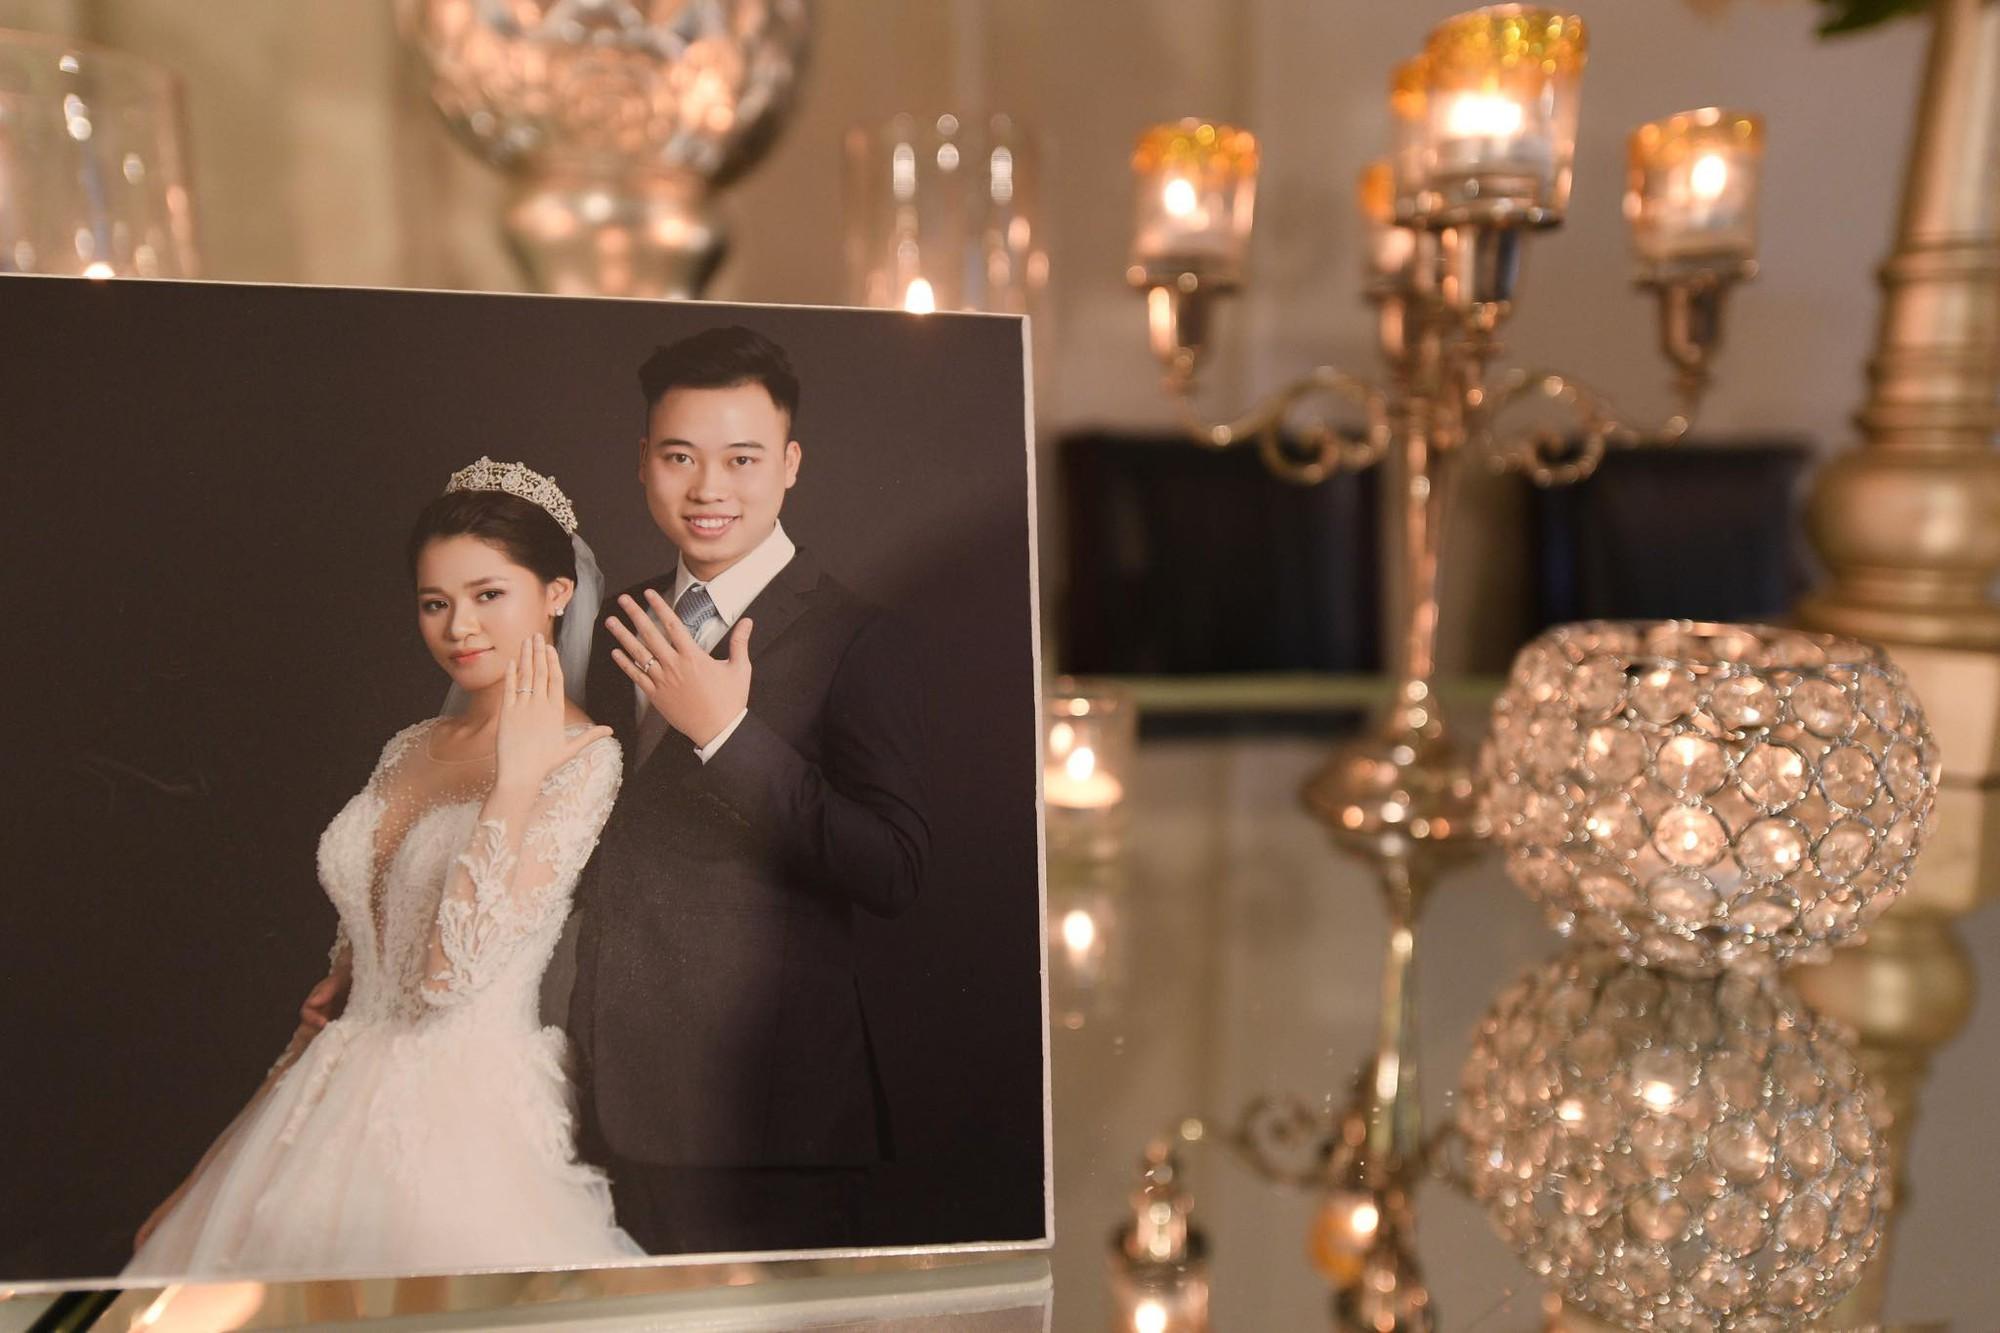 Huyền Trang Bất Hối chốt hạ năm 2018 bằng đám cưới cực viên mãn - Ảnh 2.